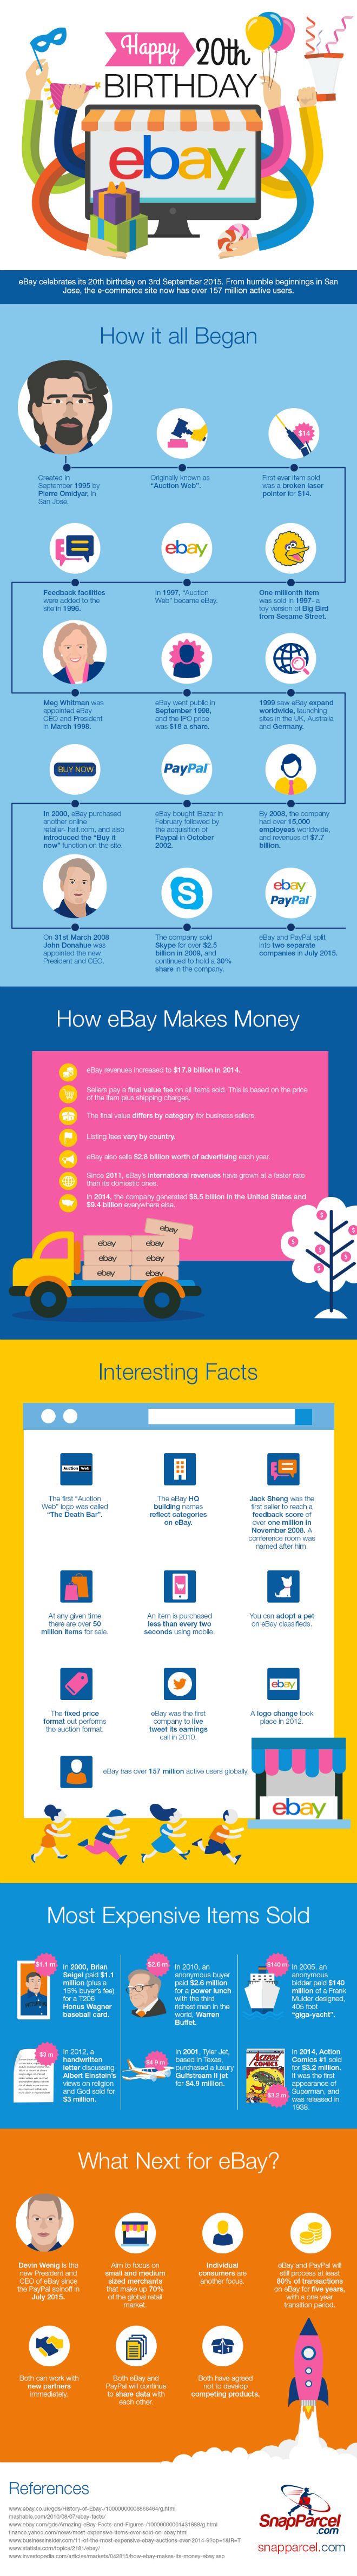 ''eBay turns 20 infographic''